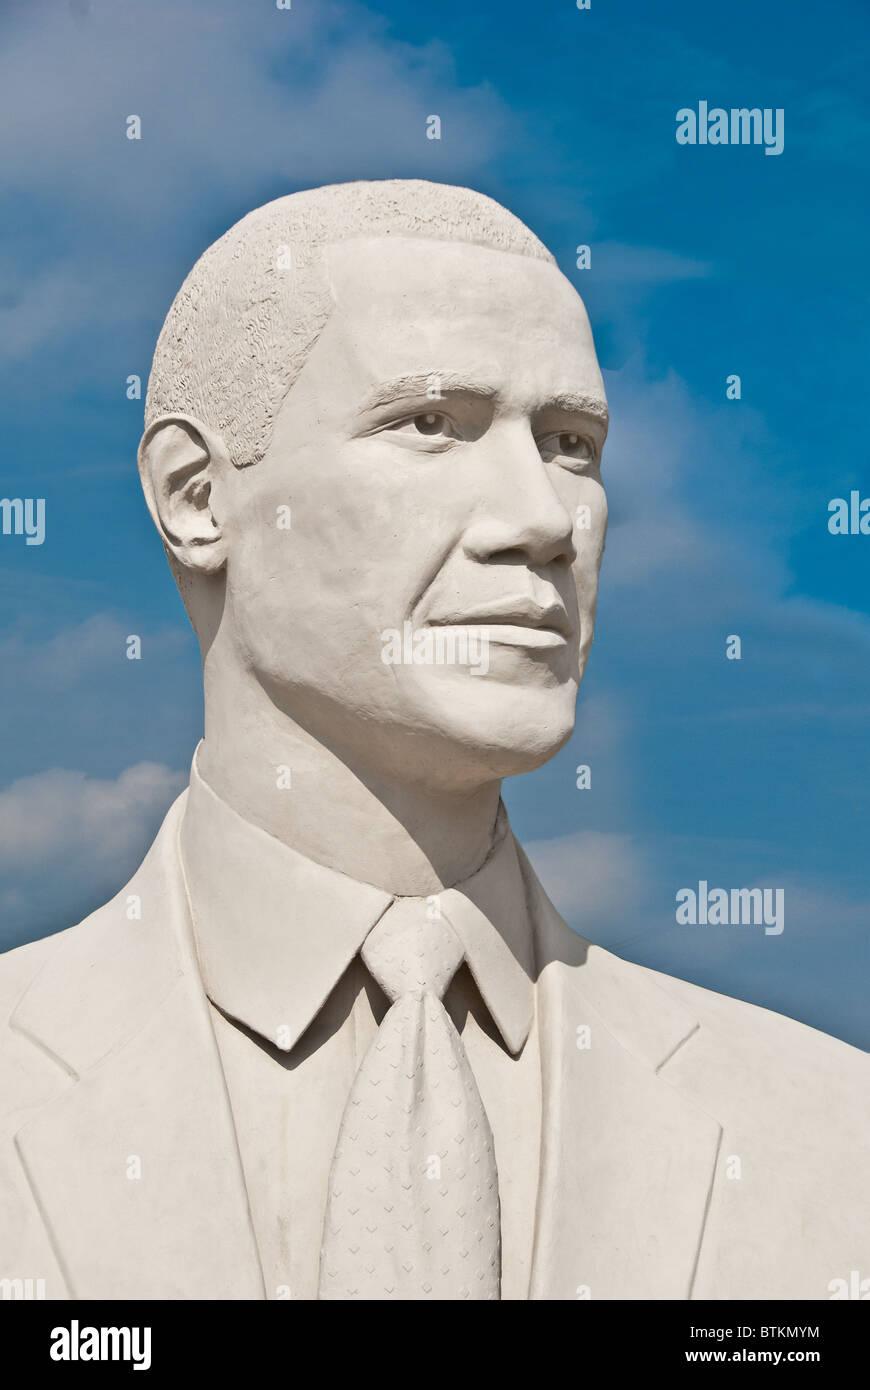 White concrete sculpture of Barack Obama, 44th US President, at David Adickes Sculpturworx Studio in Houston, Texas, USA Stock Photo